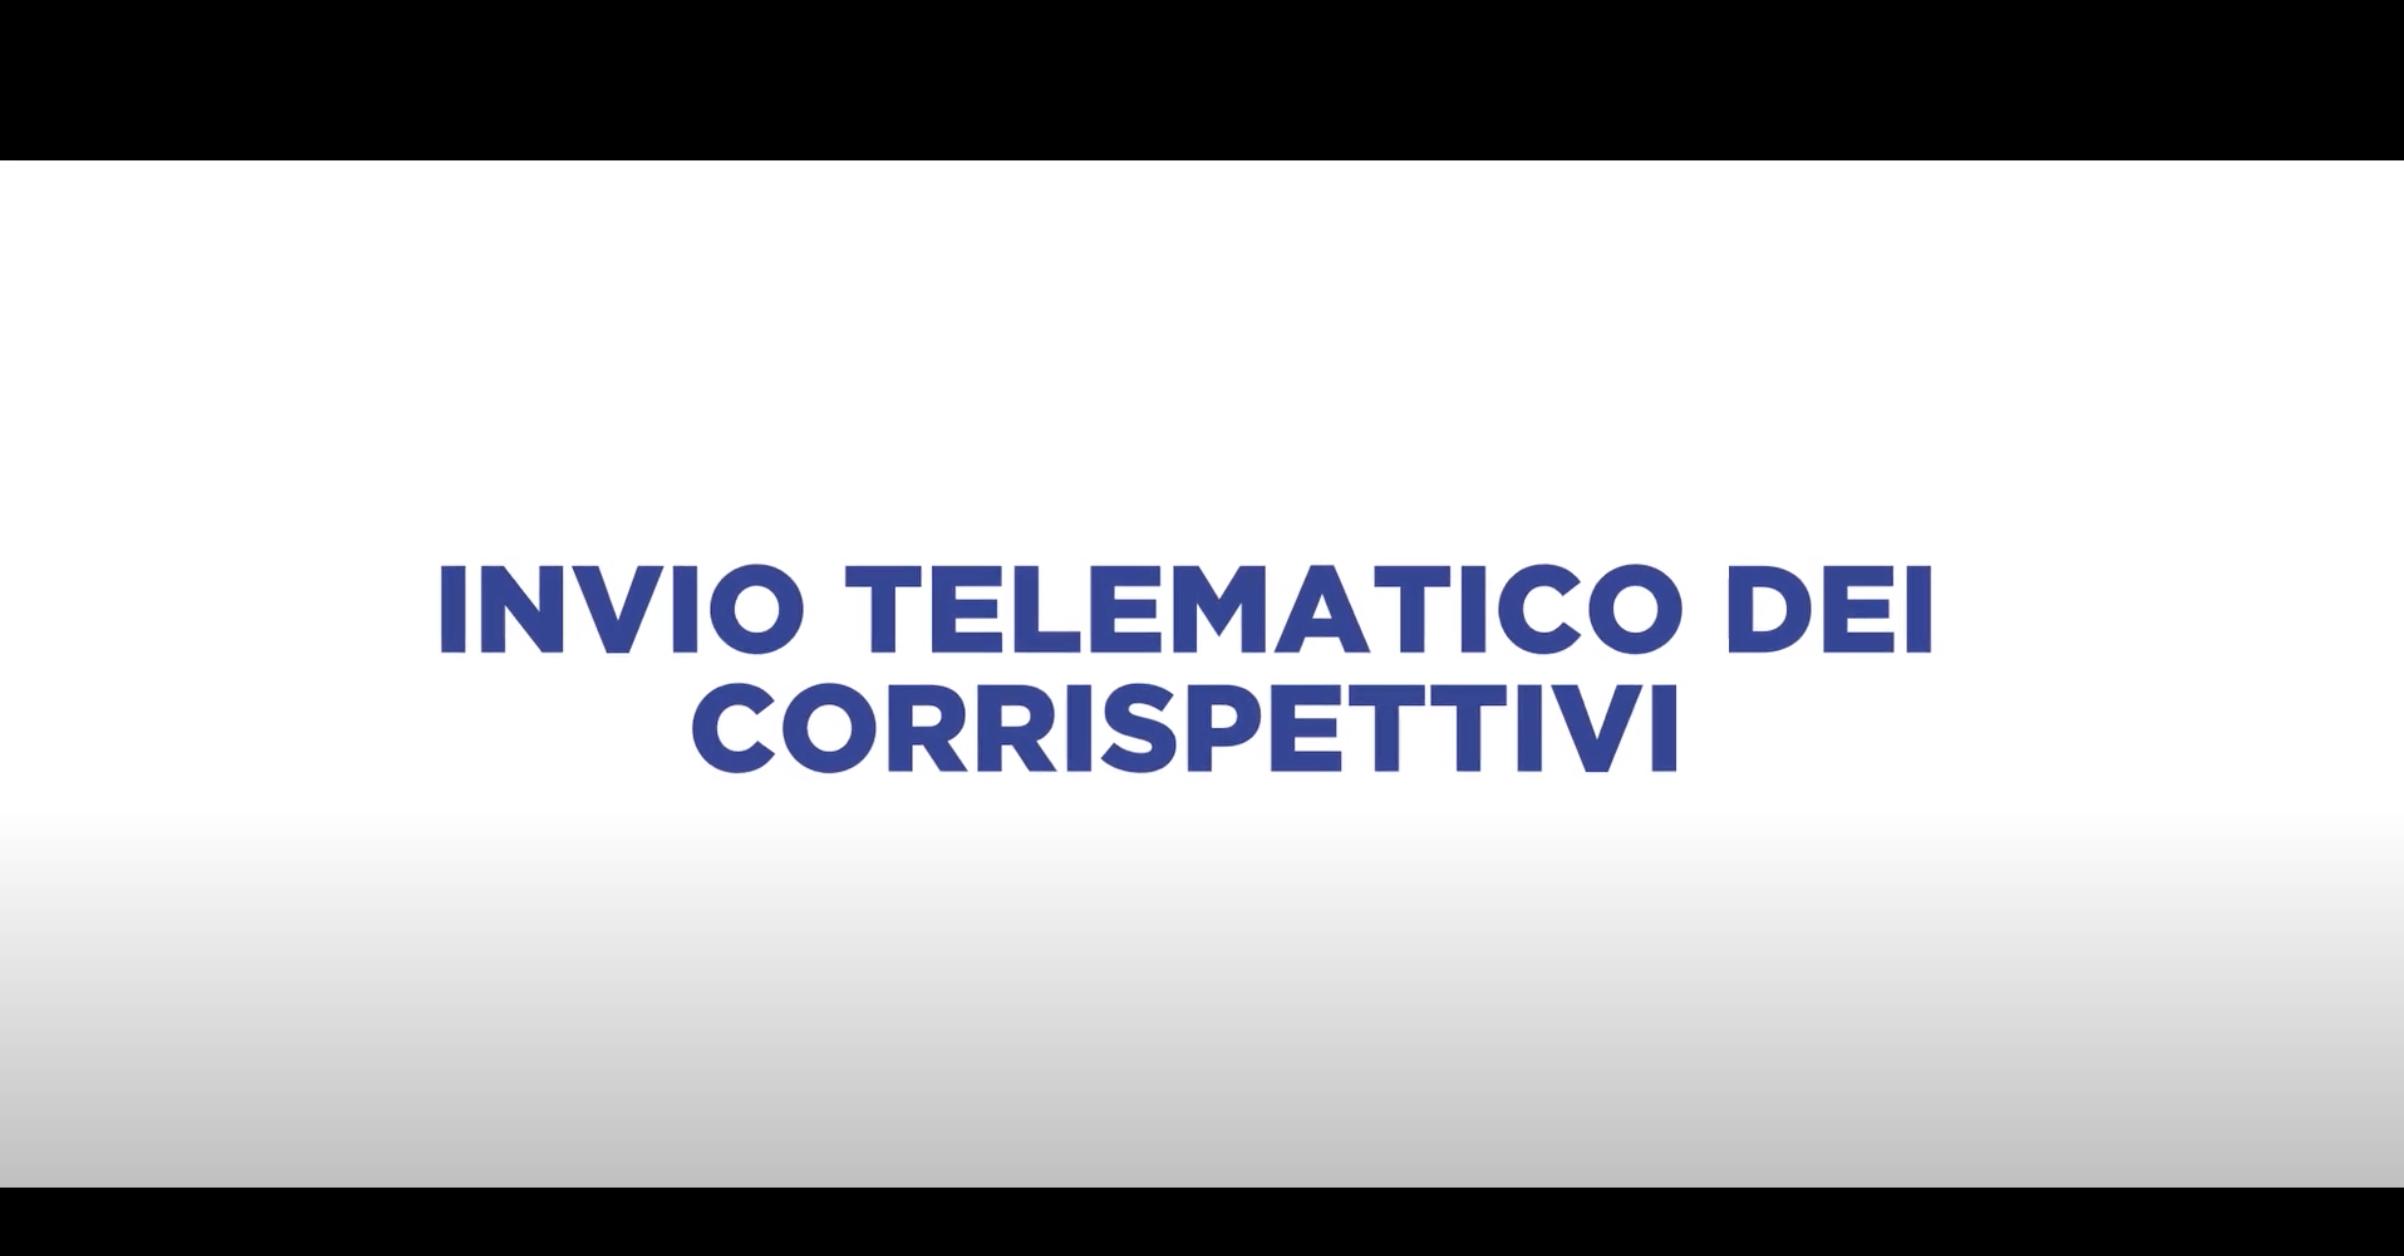 INVIO TELEMATICO DEI CORRISPETTIVI